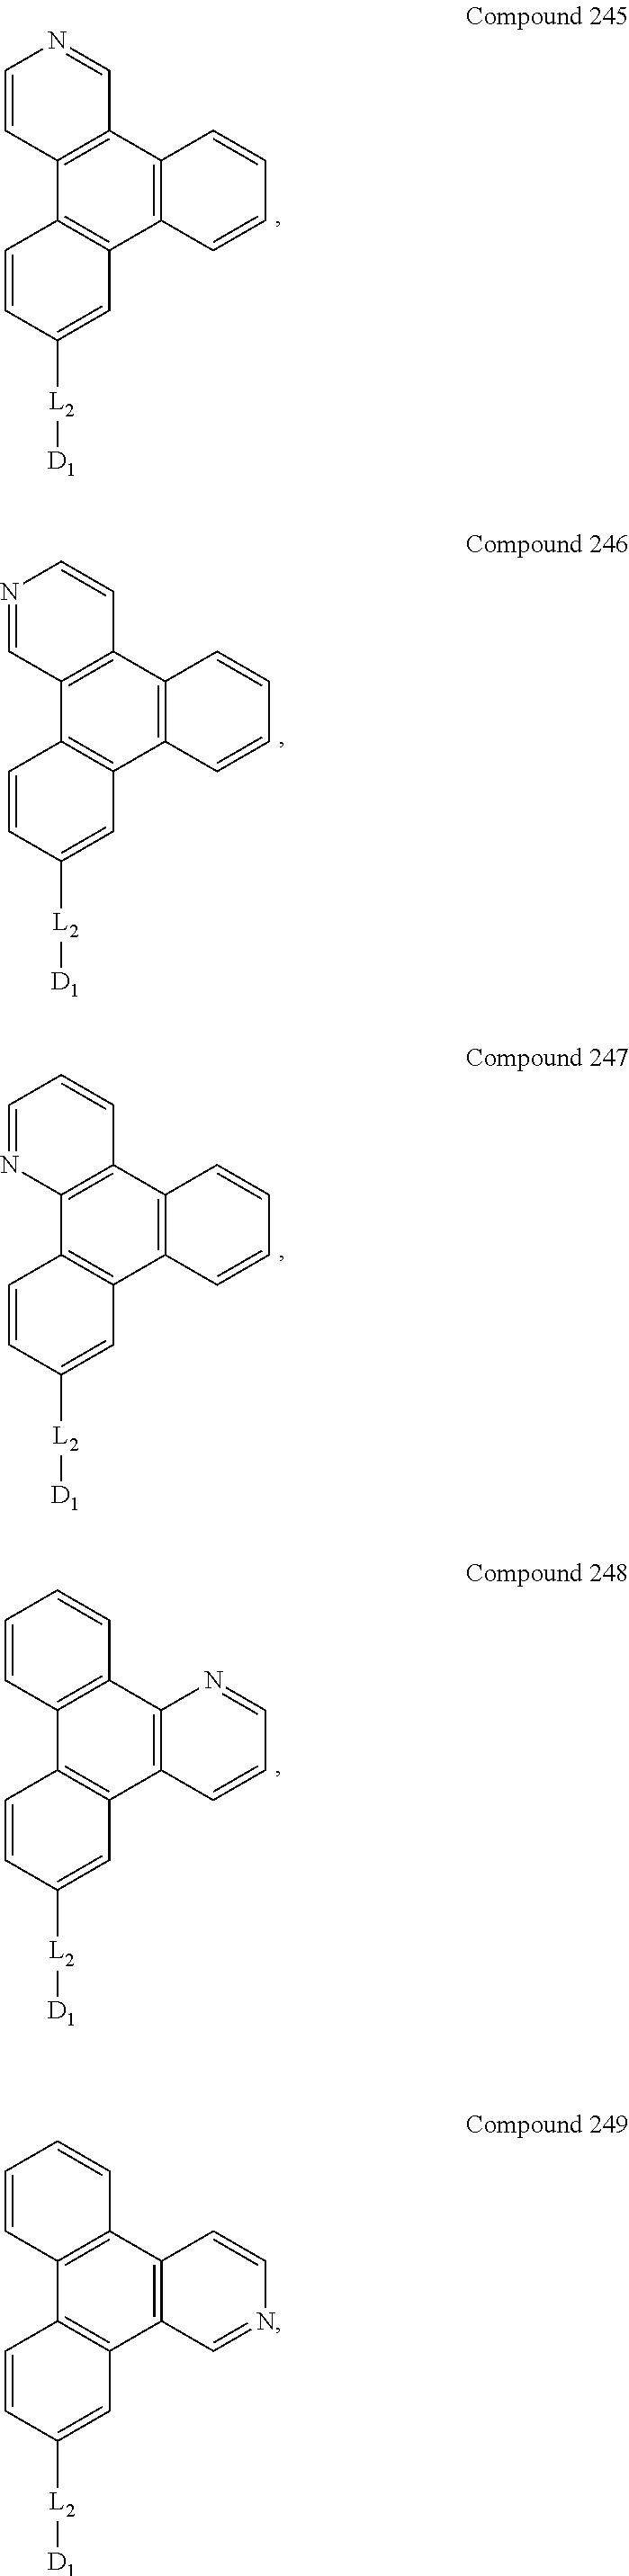 Figure US09537106-20170103-C00085